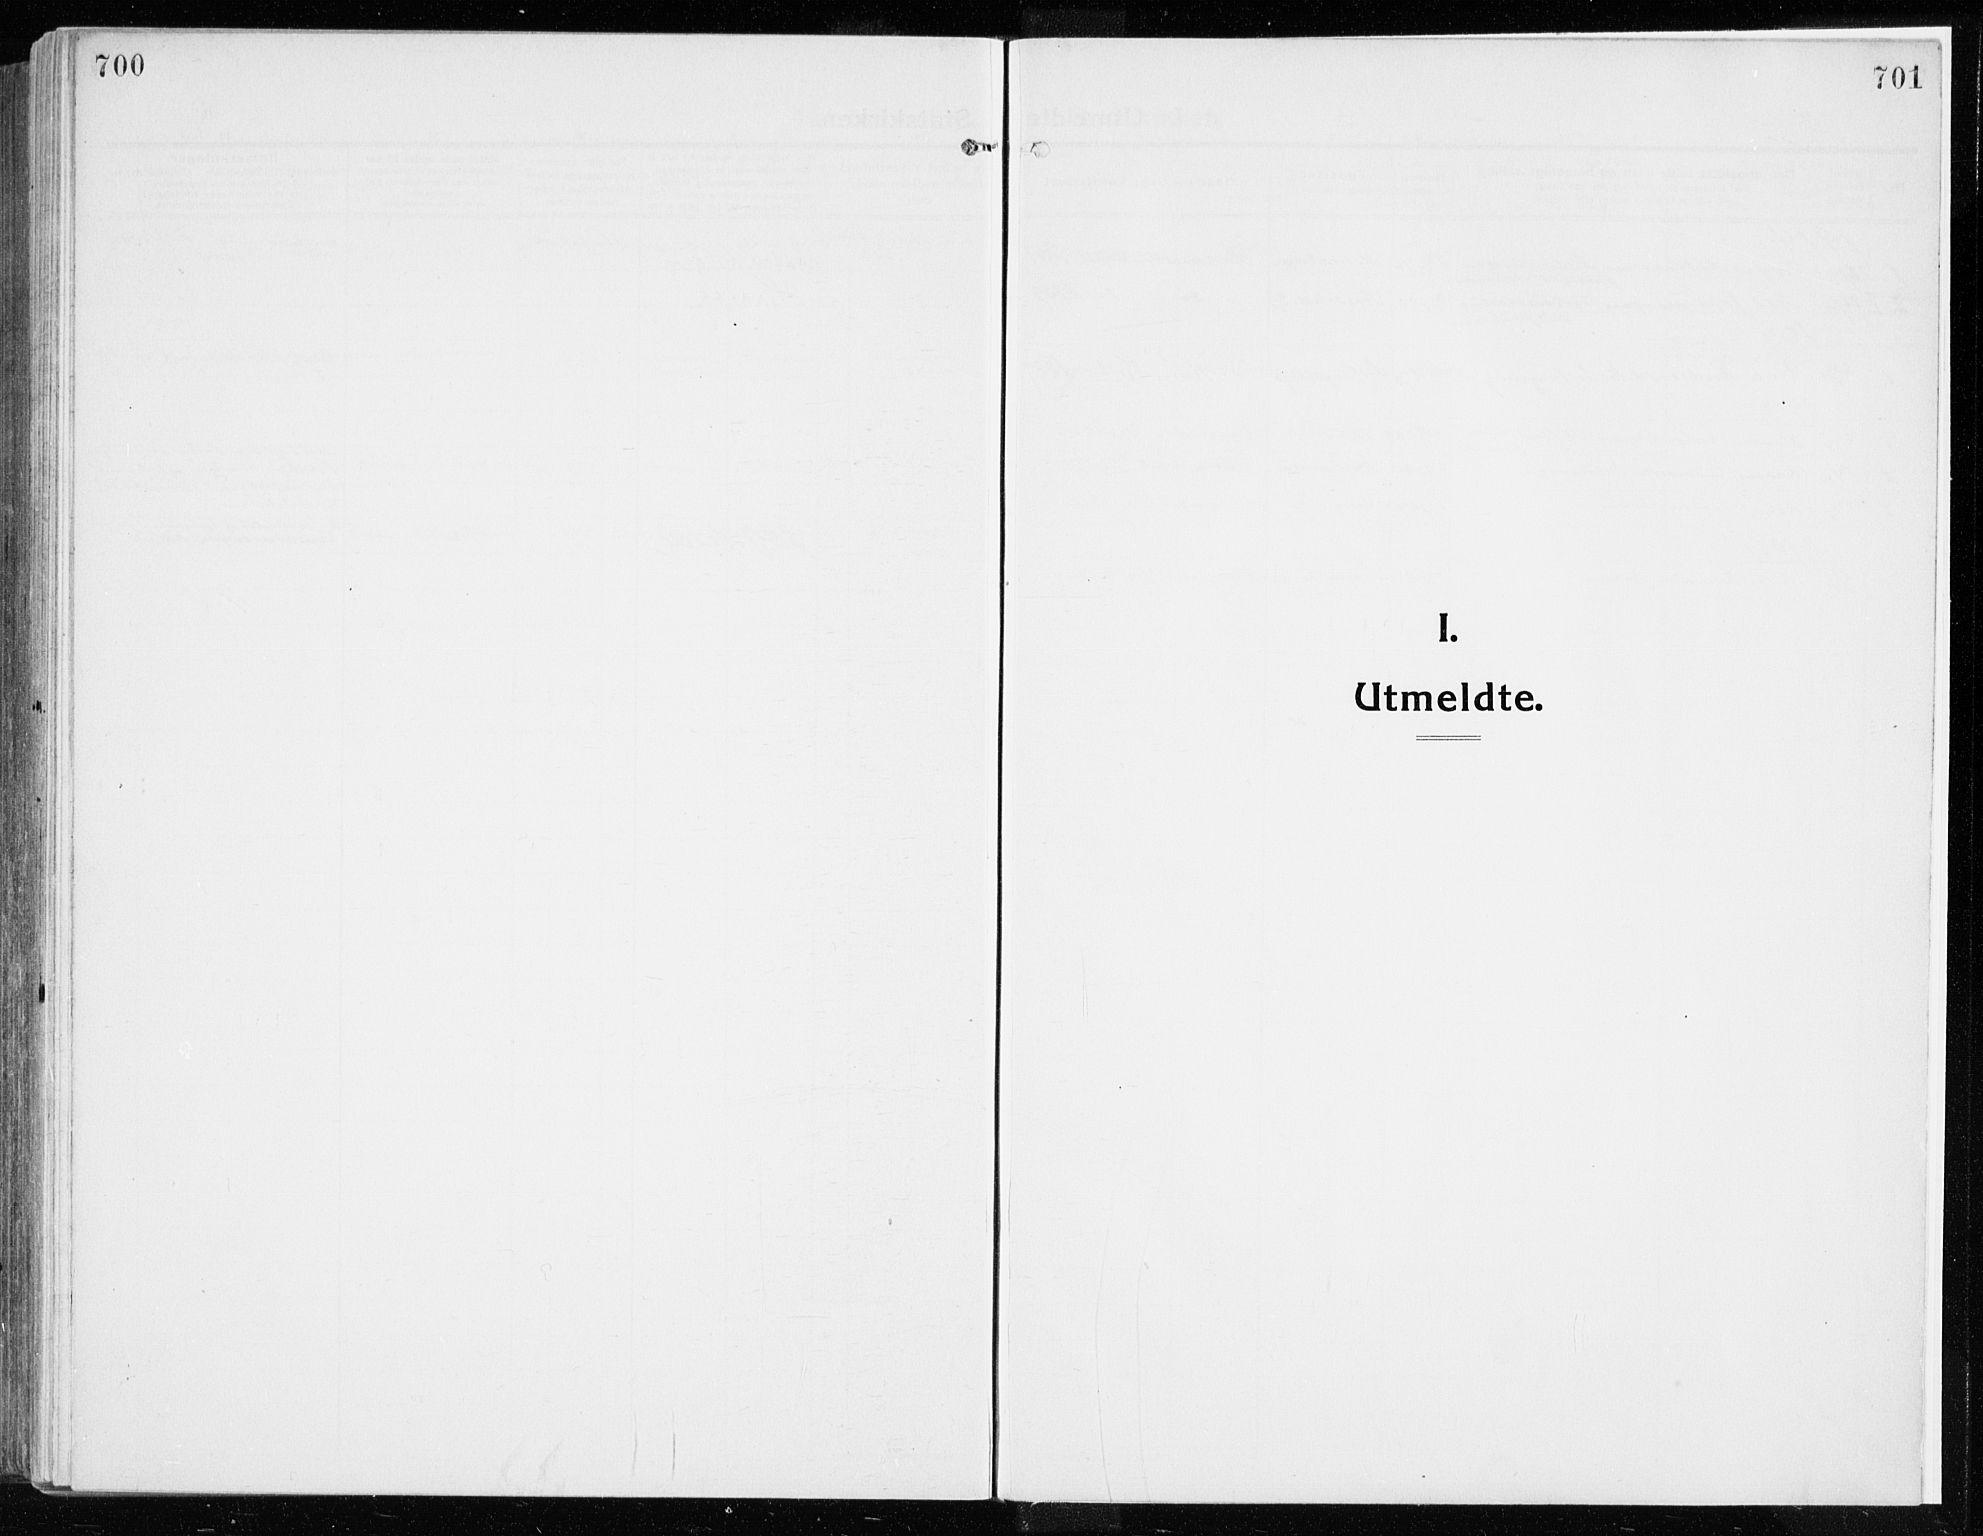 SAH, Ringsaker prestekontor, K/Ka/L0020: Ministerialbok nr. 20, 1913-1922, s. 700-701